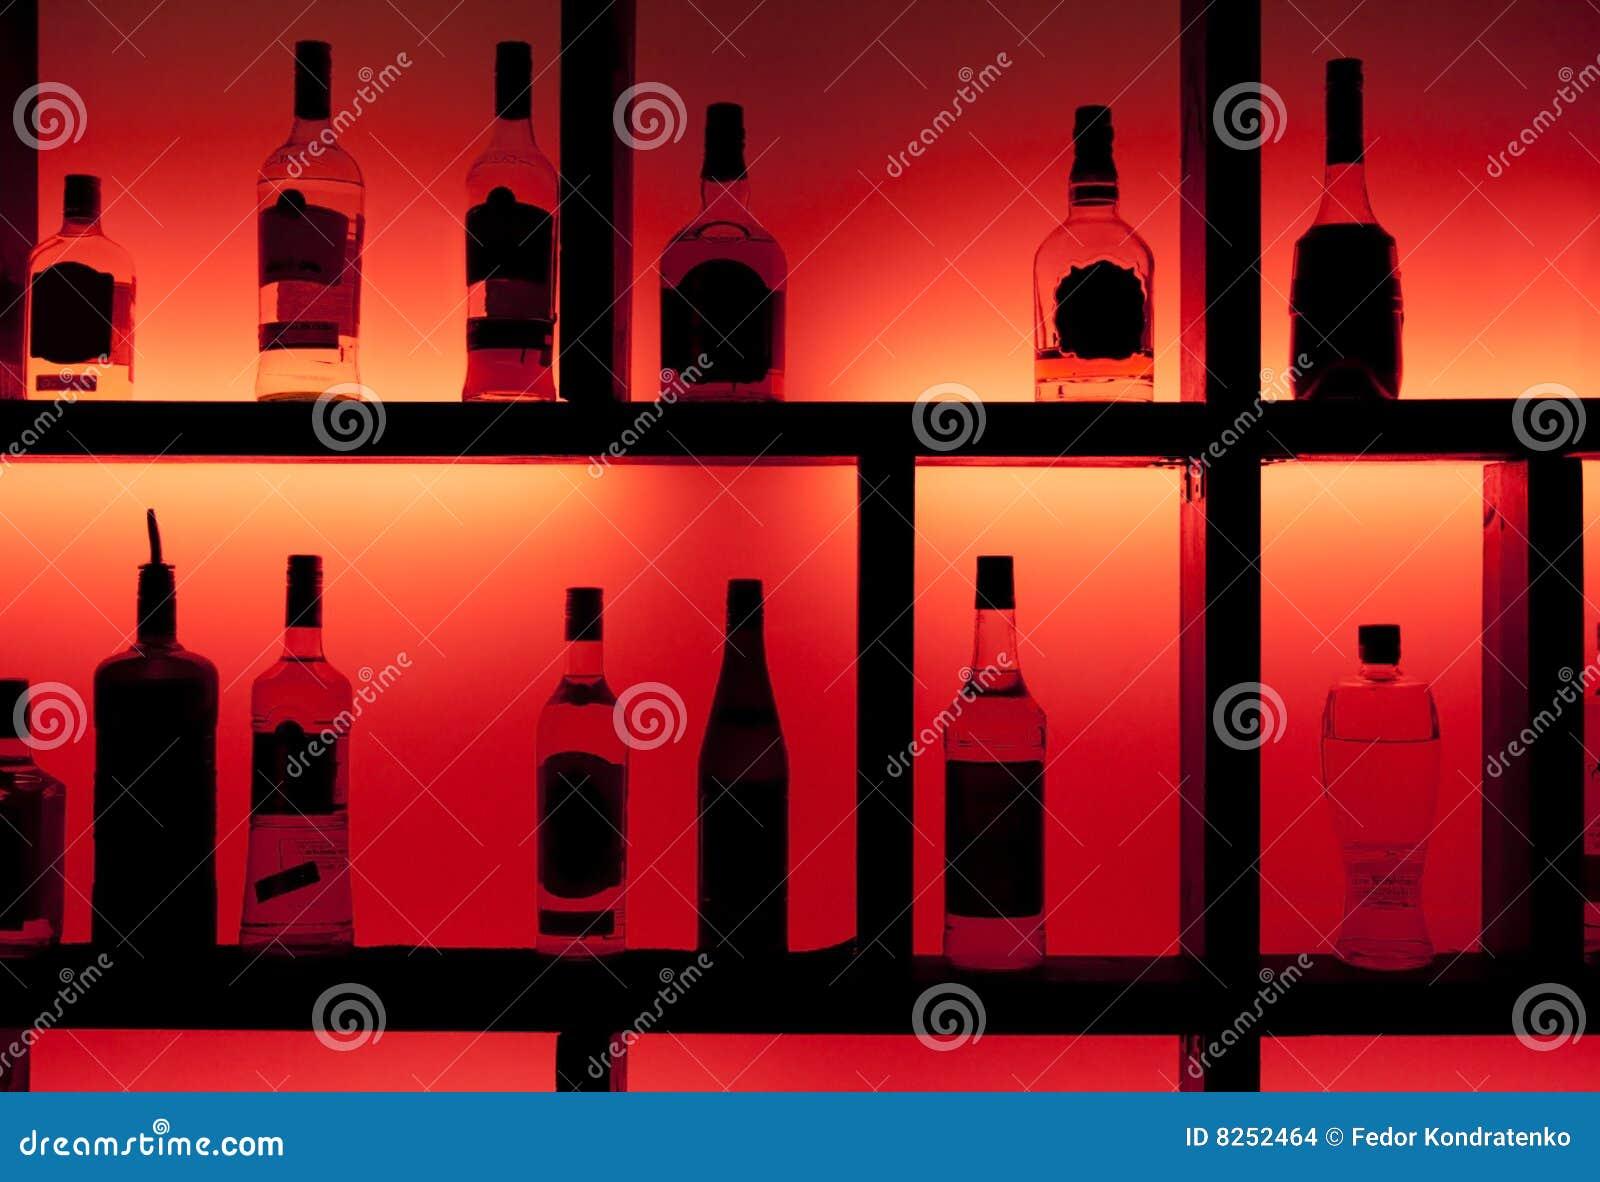 Rückseite beleuchtete Flaschen in einem Cocktailstab